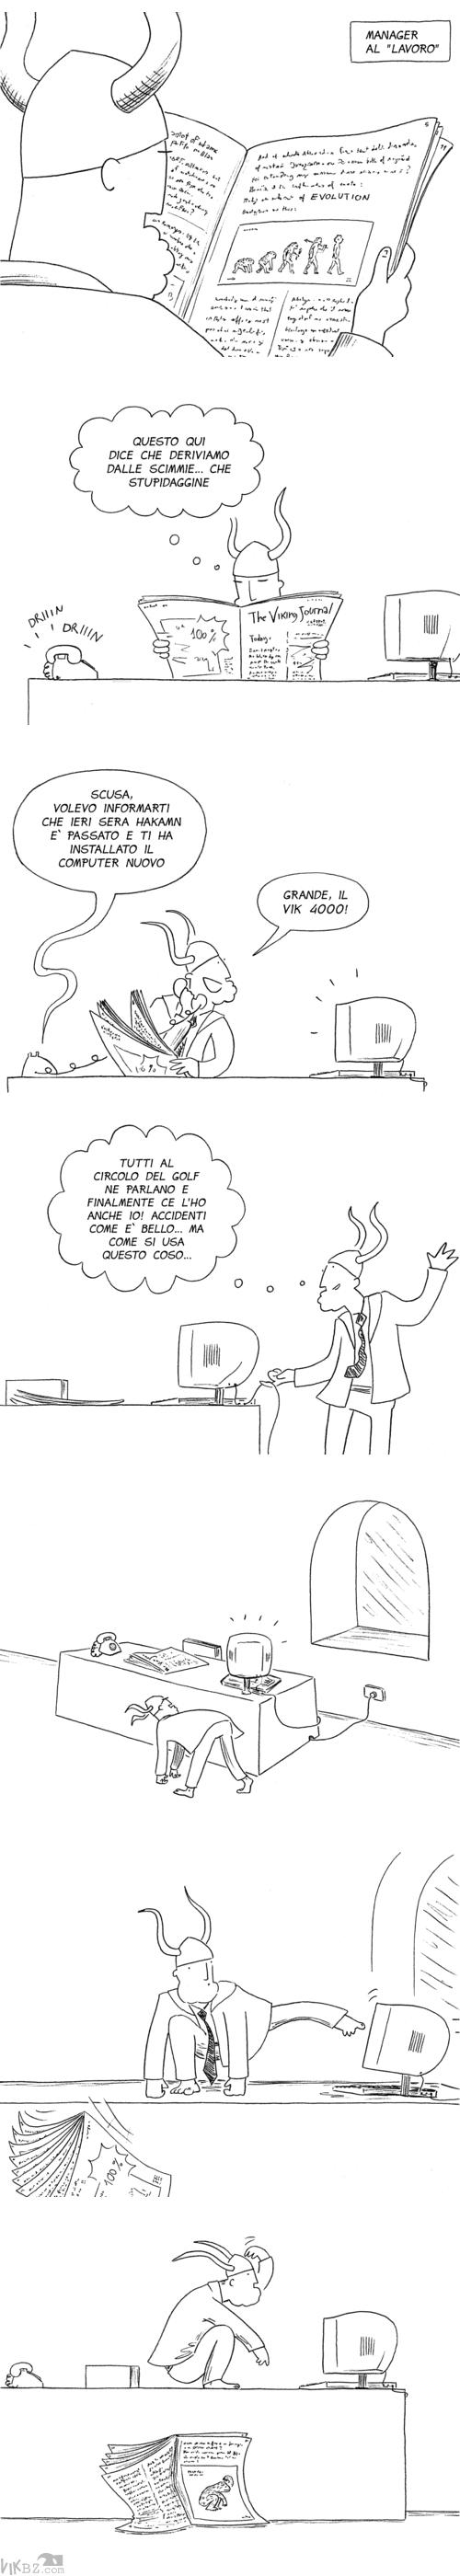 Manager vs teoria evoluzionistica (un tributo a Zoolander)